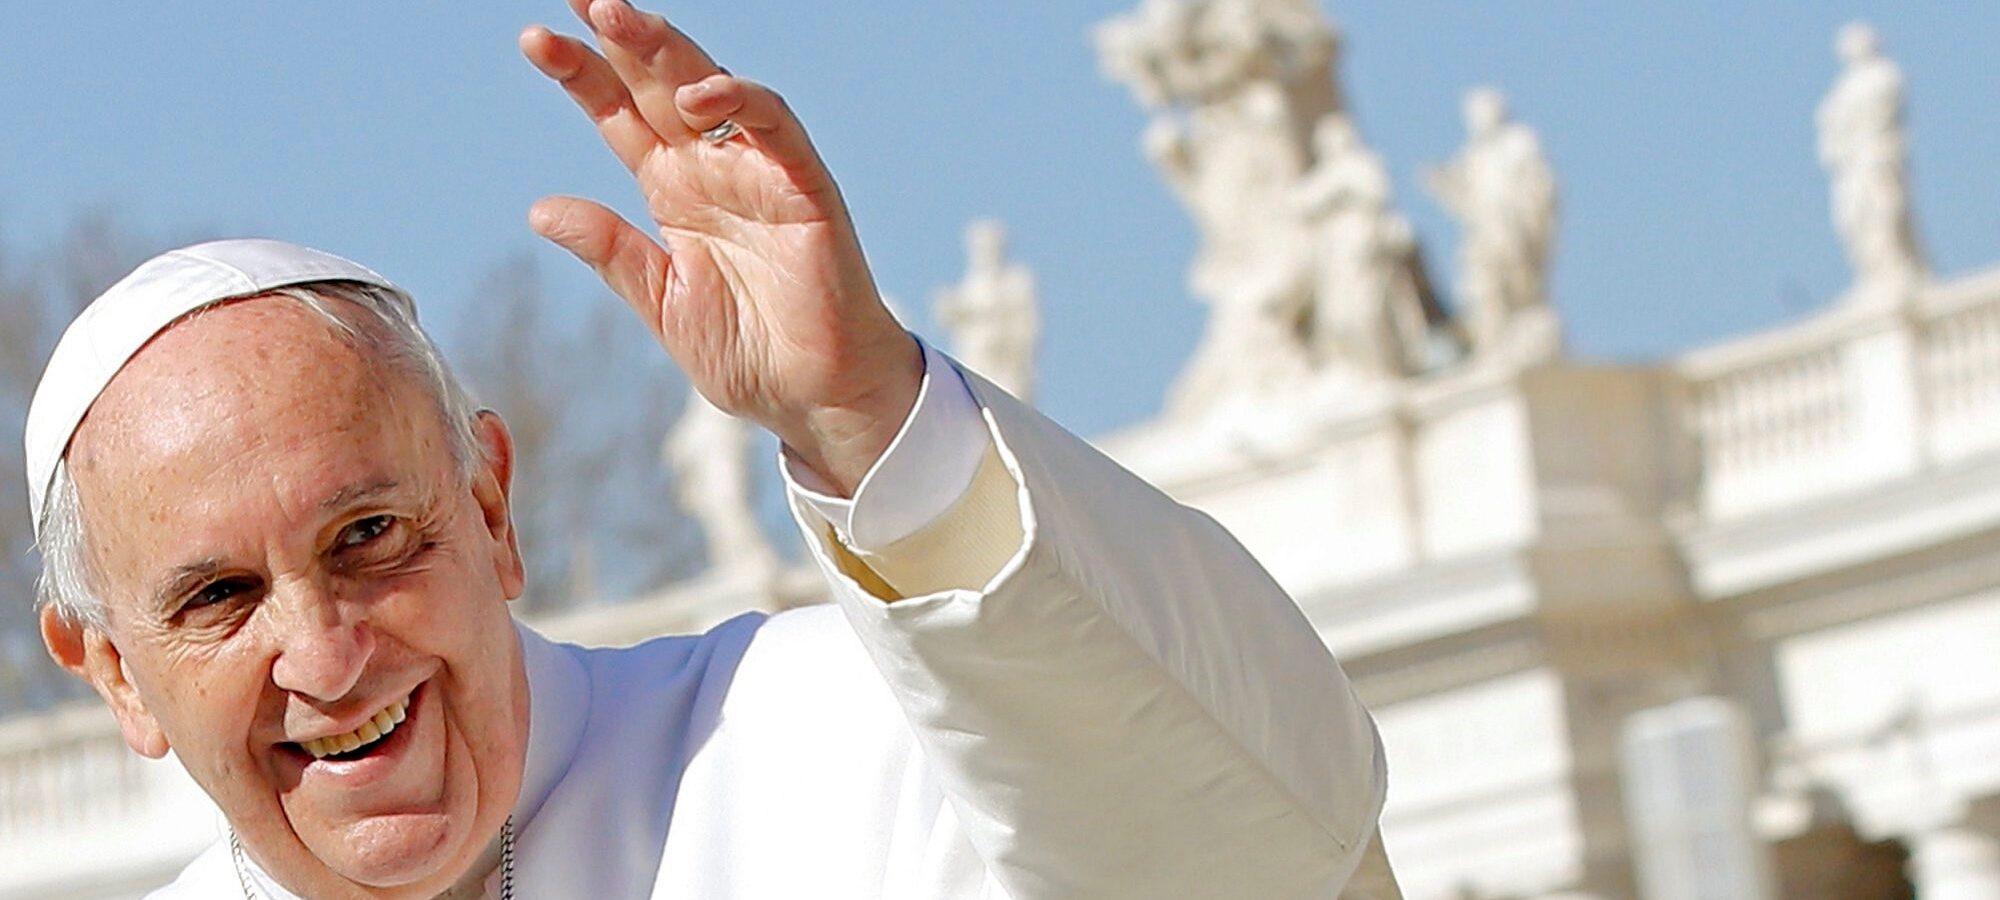 Gaudete et Exsultate. L'Esortazione apostolica di papa Francesco sulla santità